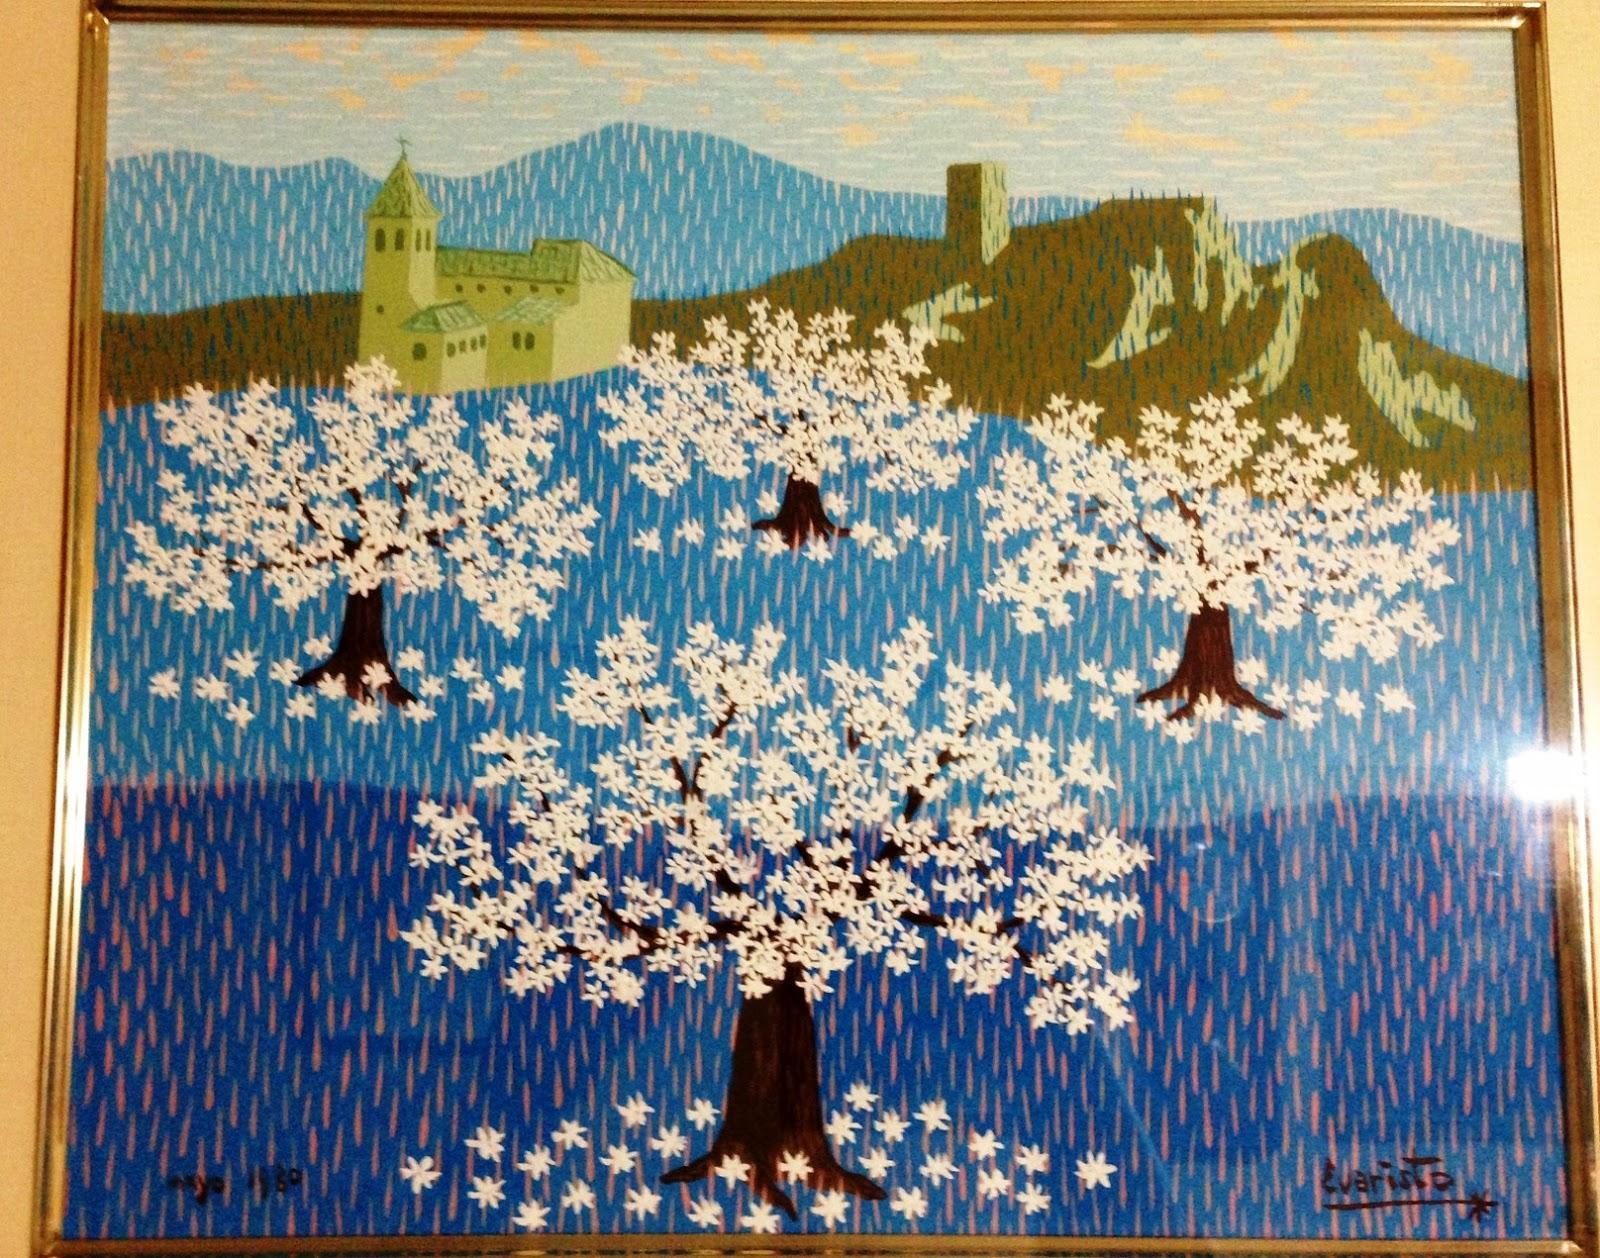 Galeria privada de arte for Donde puedo comprar cuadros